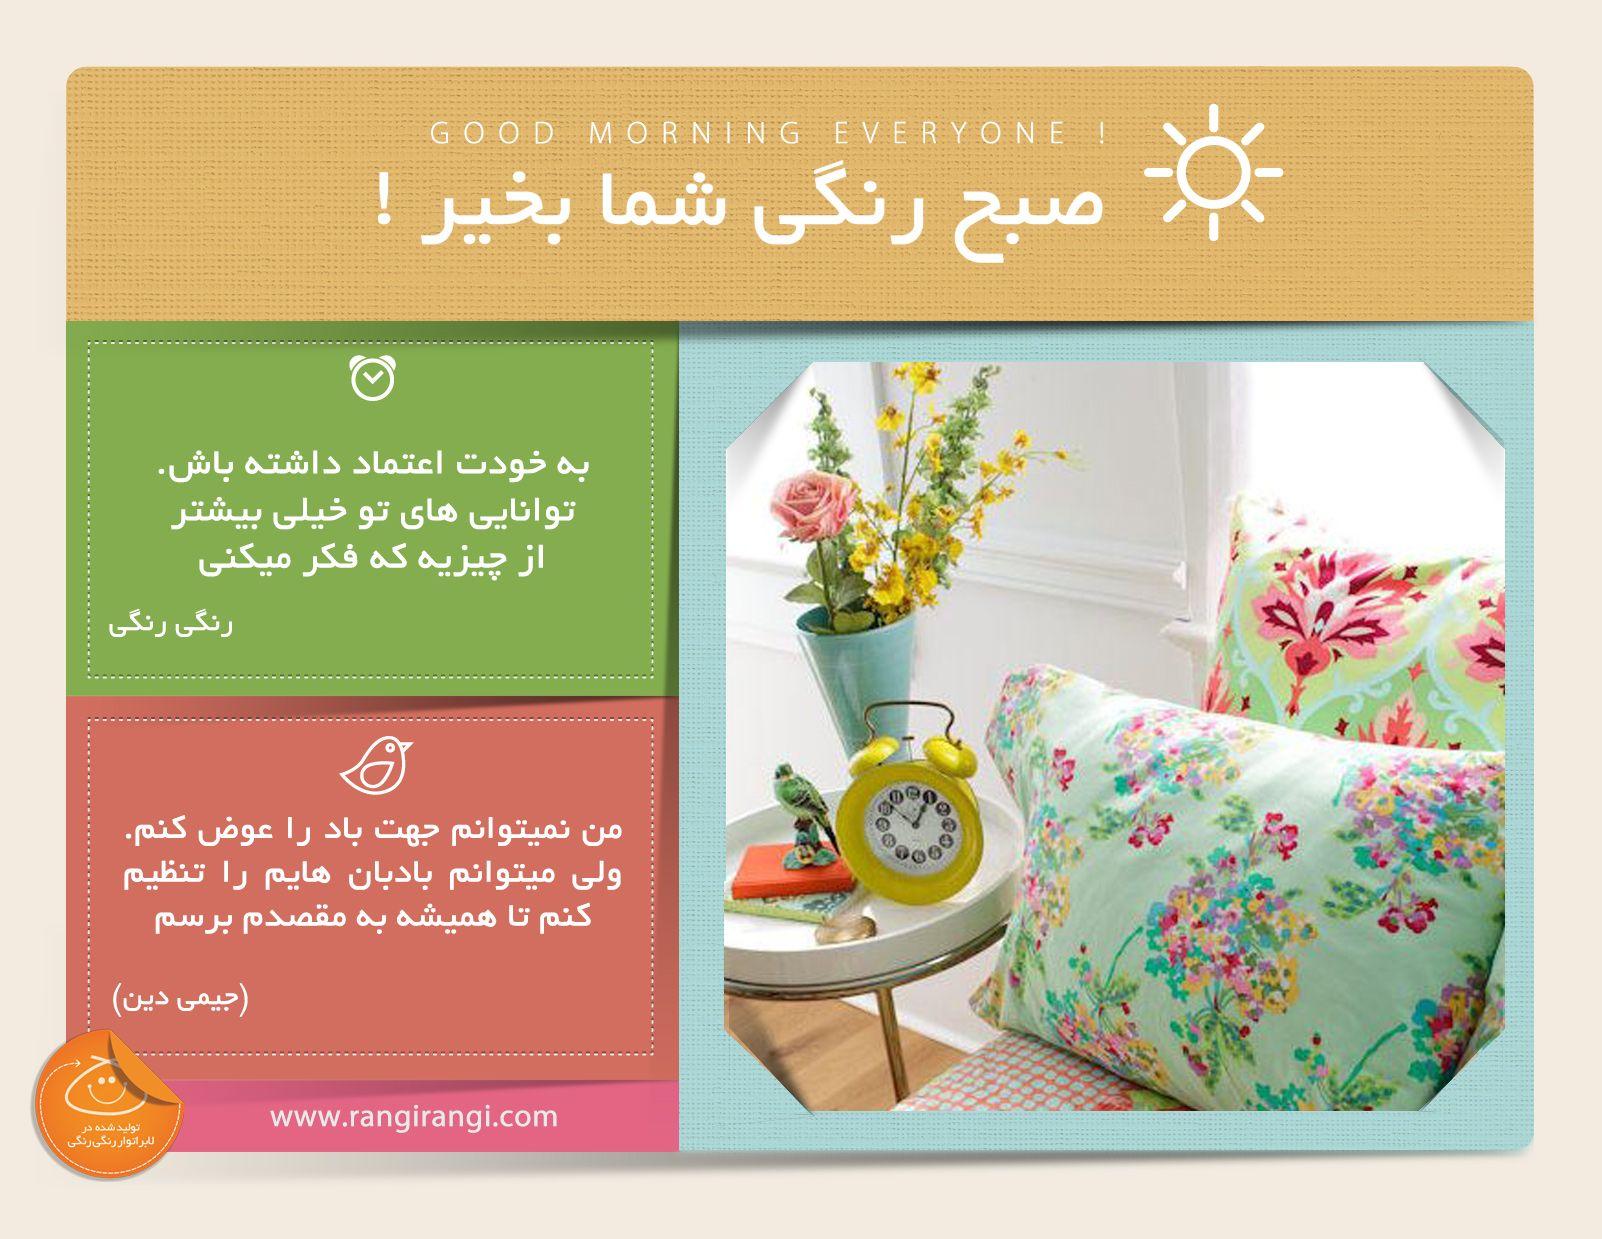 http://rangirangi.com/sobh-bekheyr-8-khordad/